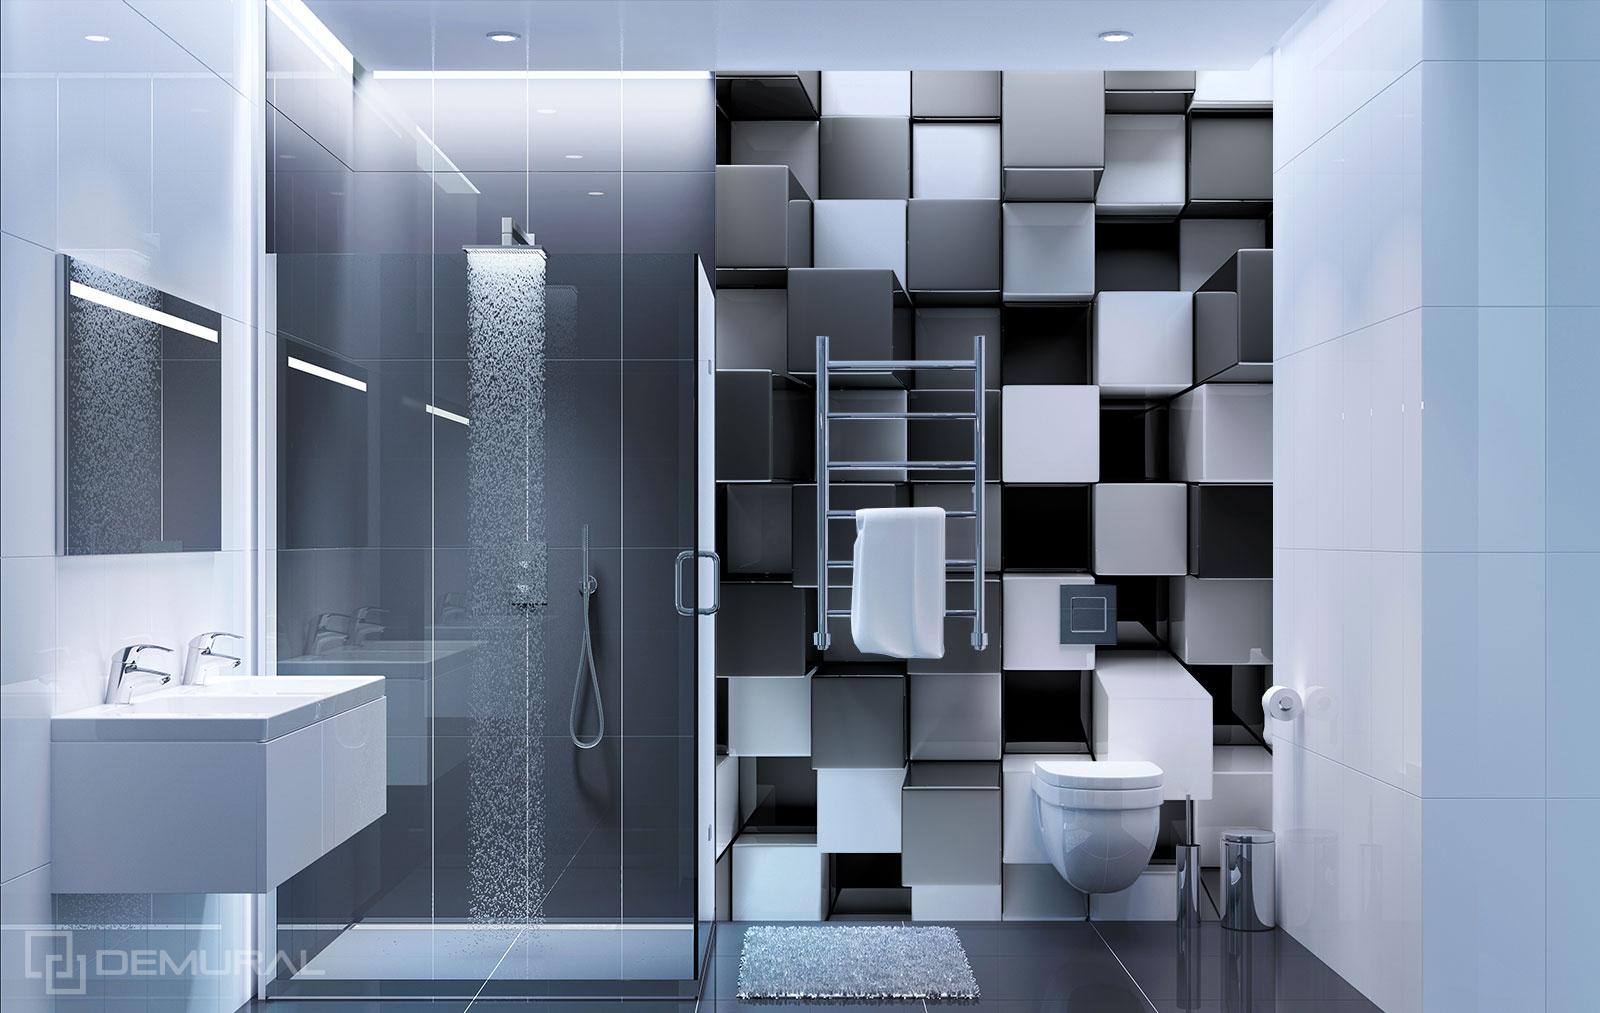 Fototapete 3D Würfel - Schwarzweißes Badezimmer - Demural